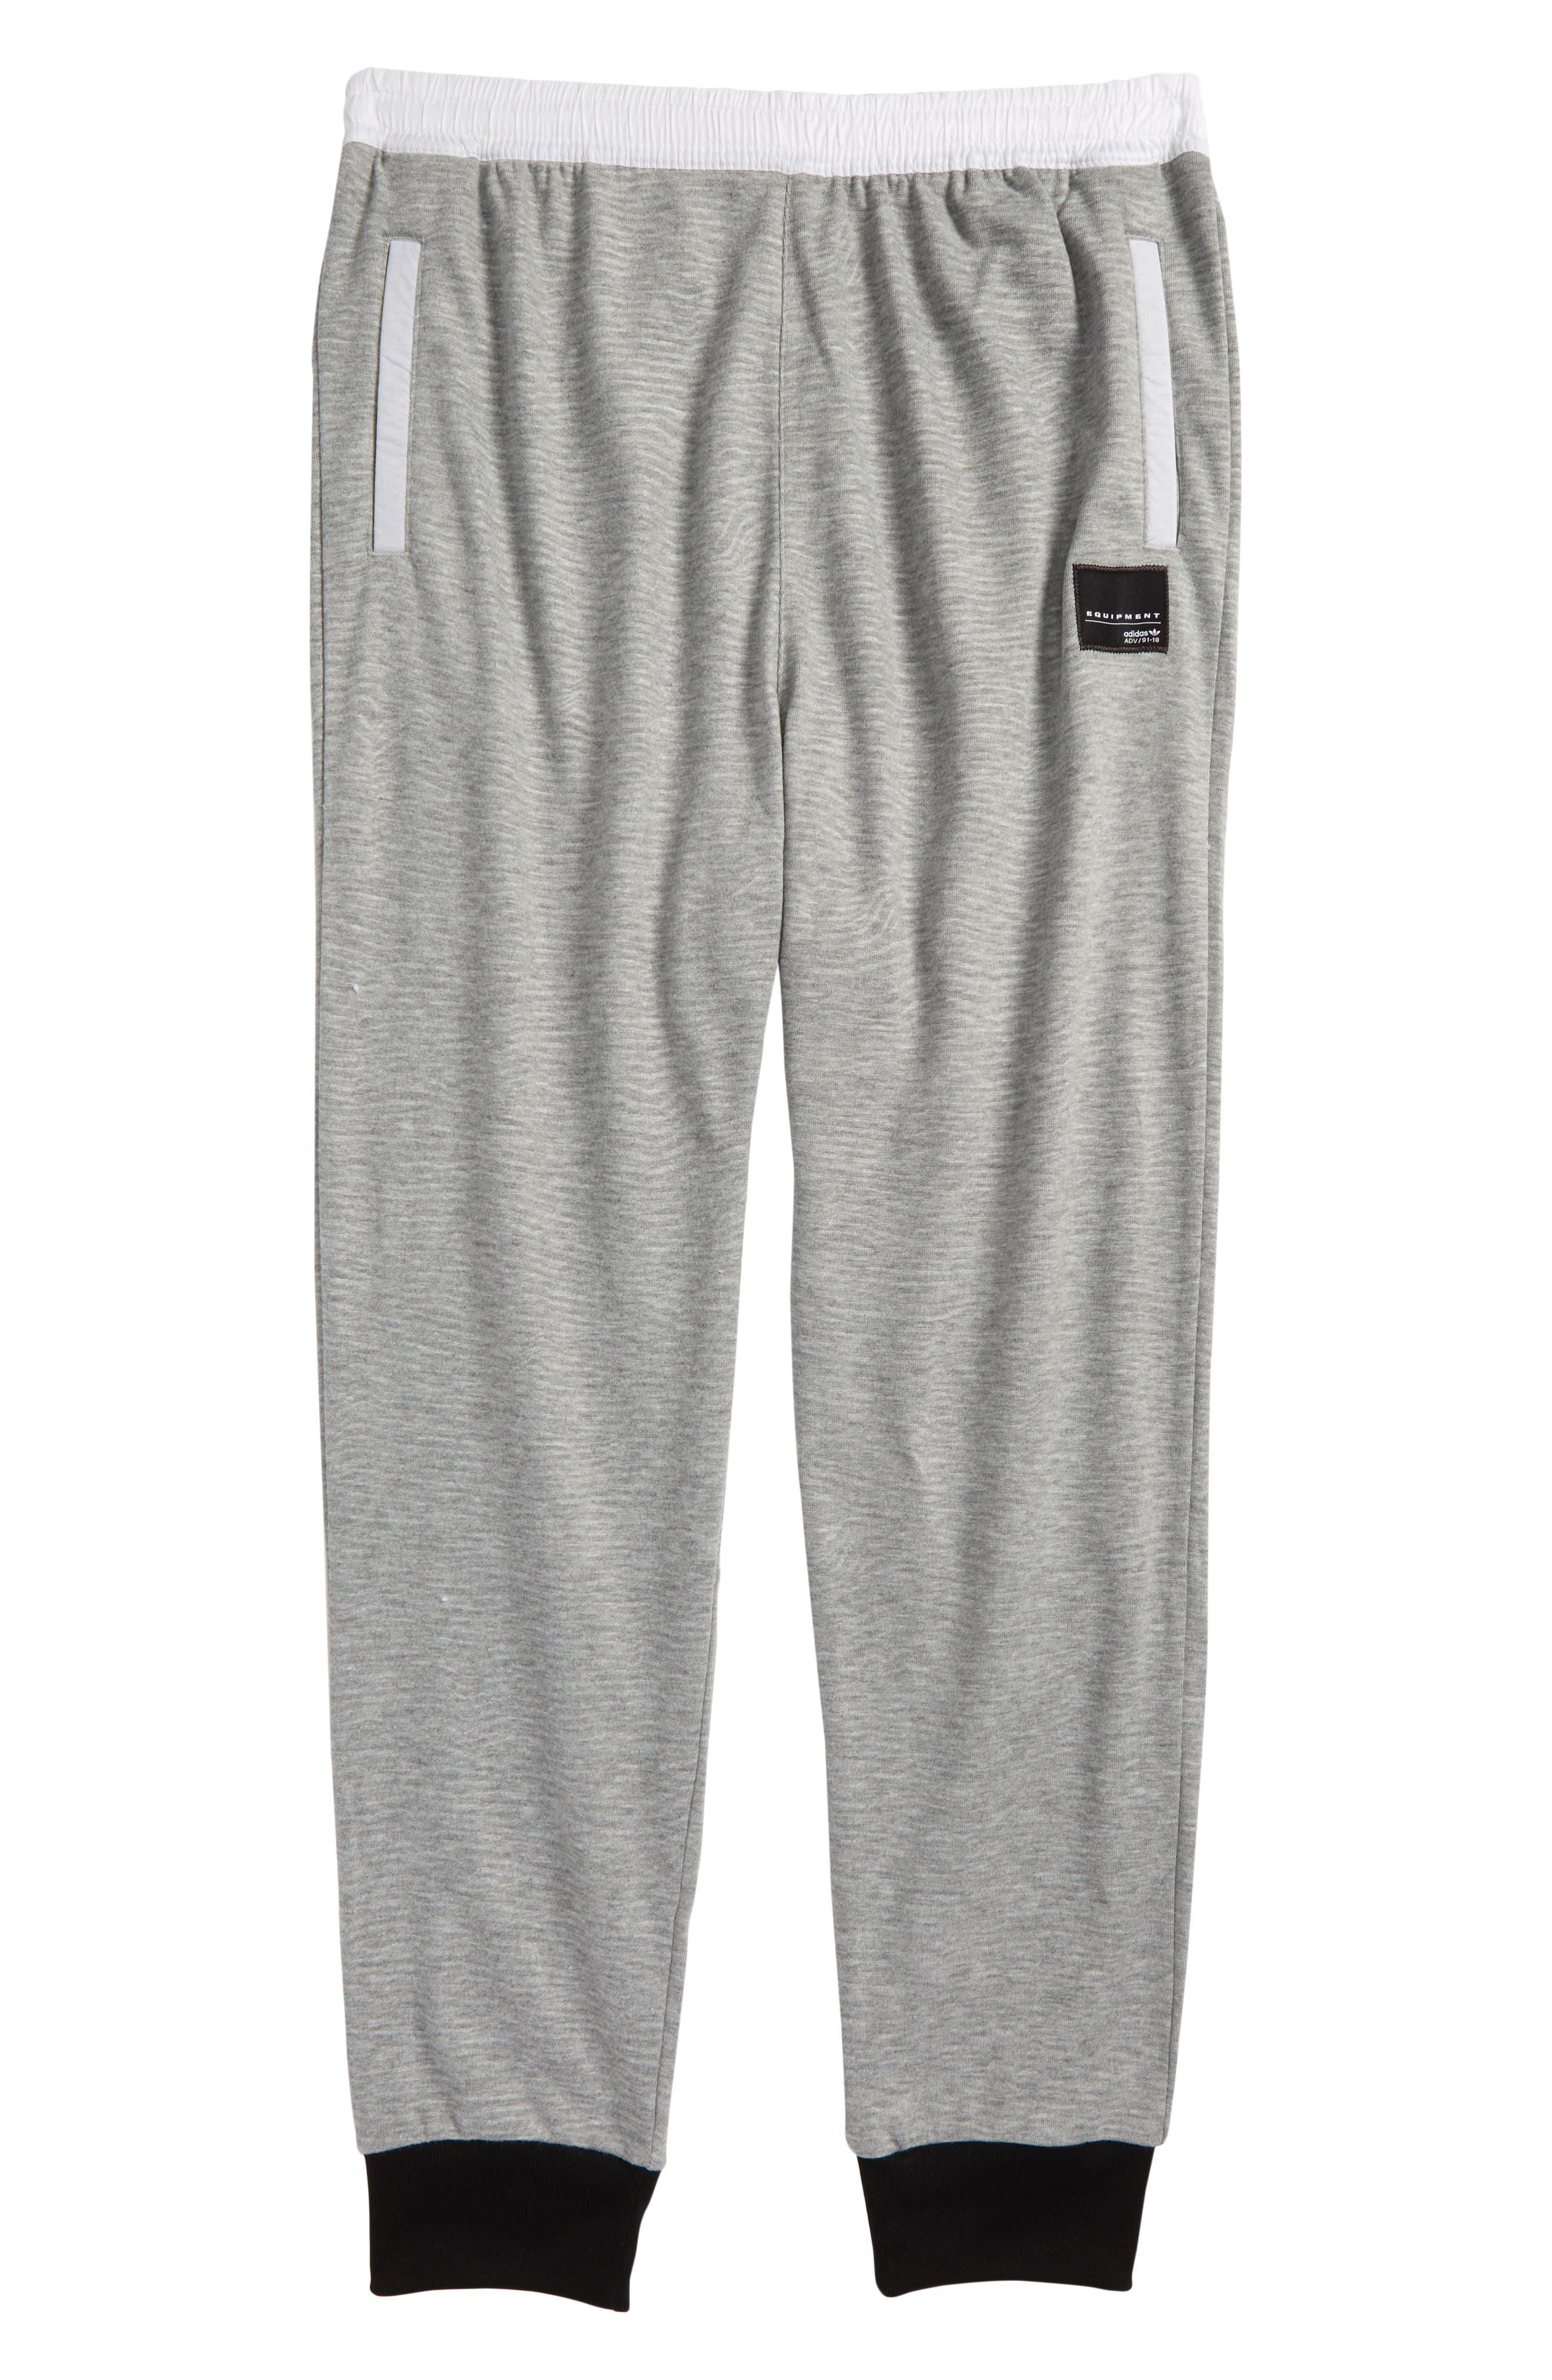 Main Image - adidas Originals EQT Track Pants (Little Boys & Big Boys)